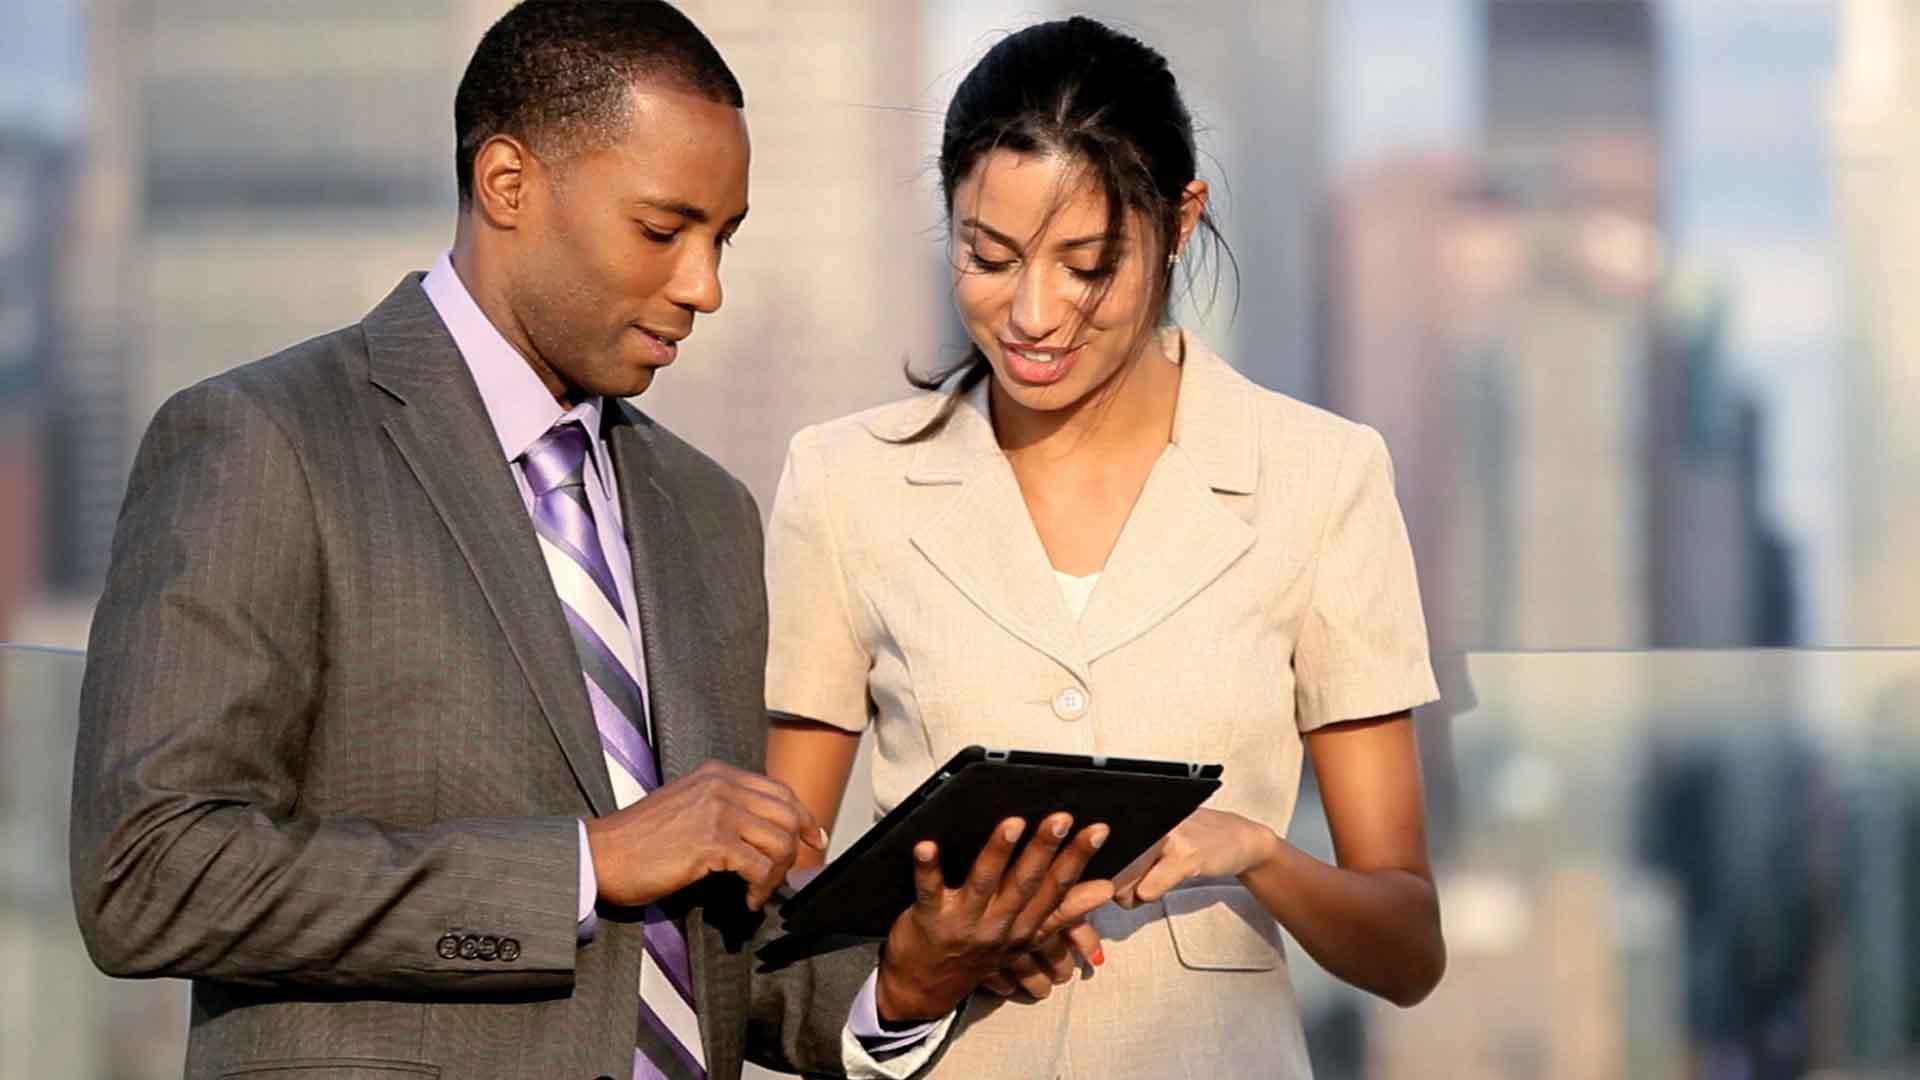 Das Bild zeigt ein Paar. Ein Mann und eine Frau stehen nebeneinander und schauen in ein Tablet, das sie in der Hand halten. Hinter den beiden sieht man als Silhouette Hochhäuser. Das Bild dient als Sliderbild für den Portfolioeintrag Engel und Völkers Recruitingfilm von Panda Pictures.